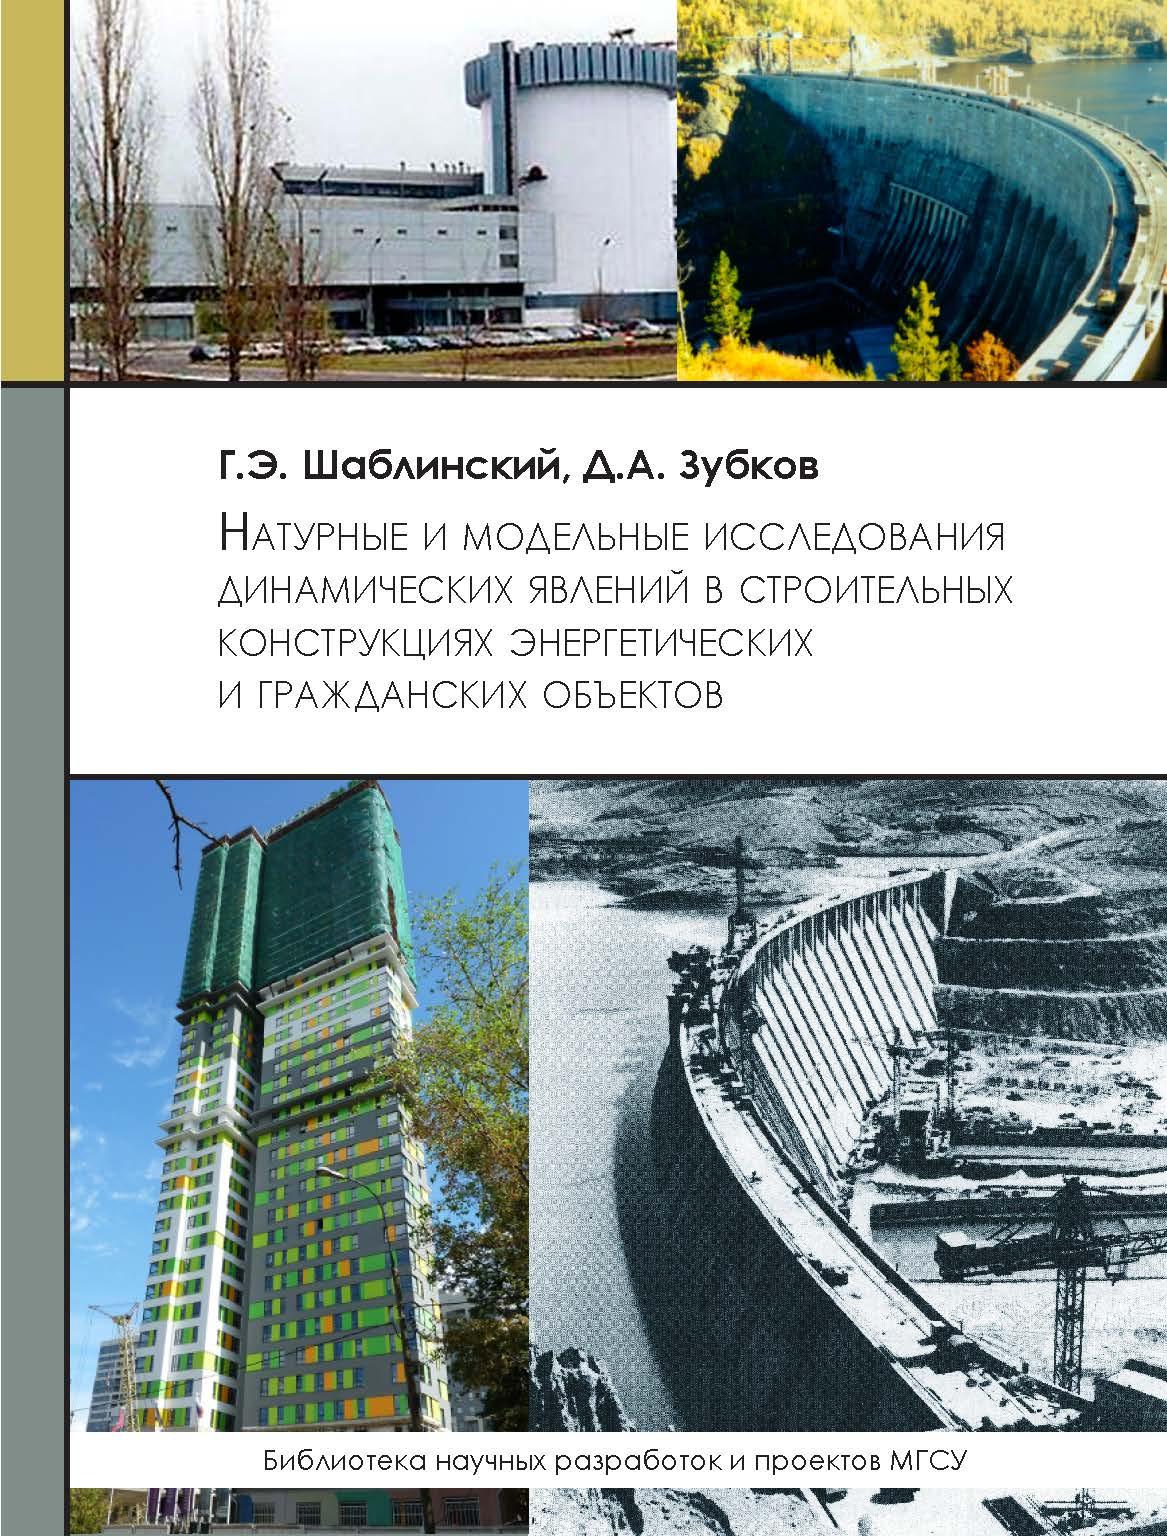 Г. Э. Шаблинский Натуральные и модельные исследования динамических явлений в строительных конструкциях энергетических и гражданских объектов